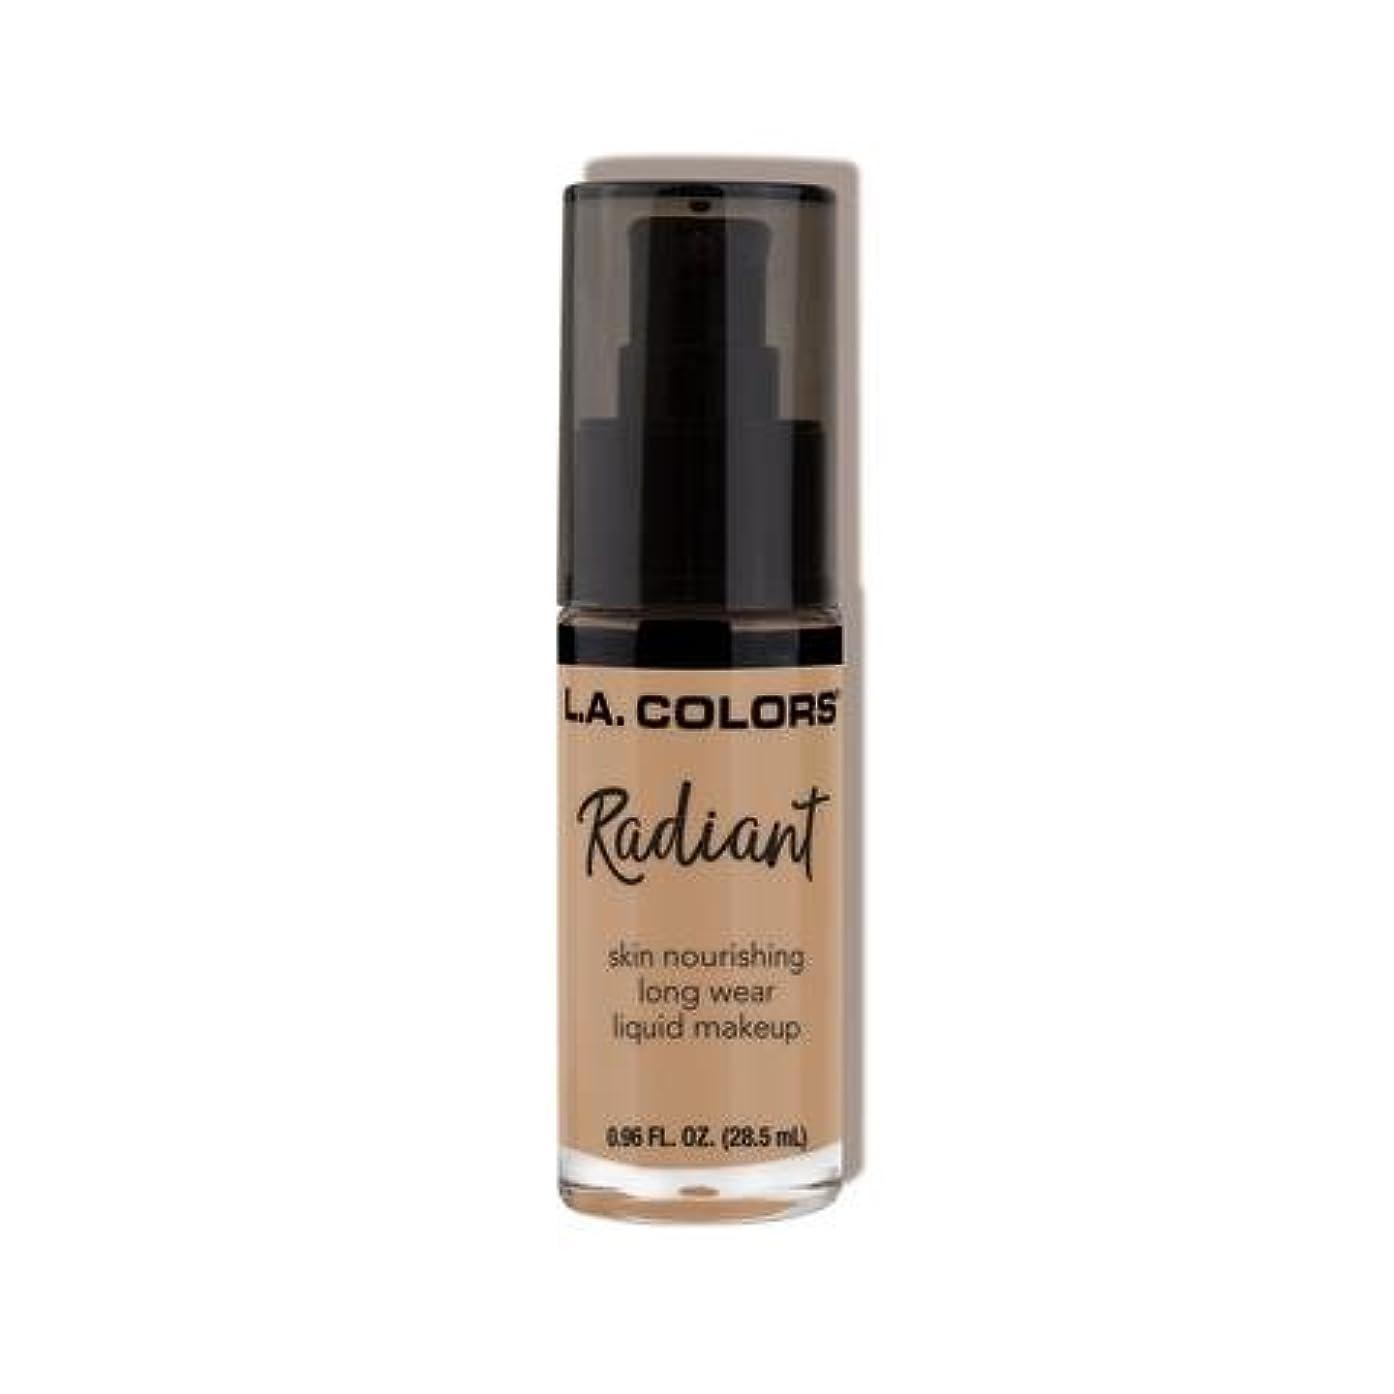 事実眠っている事実(3 Pack) L.A. COLORS Radiant Liquid Makeup - Medium Beige (並行輸入品)